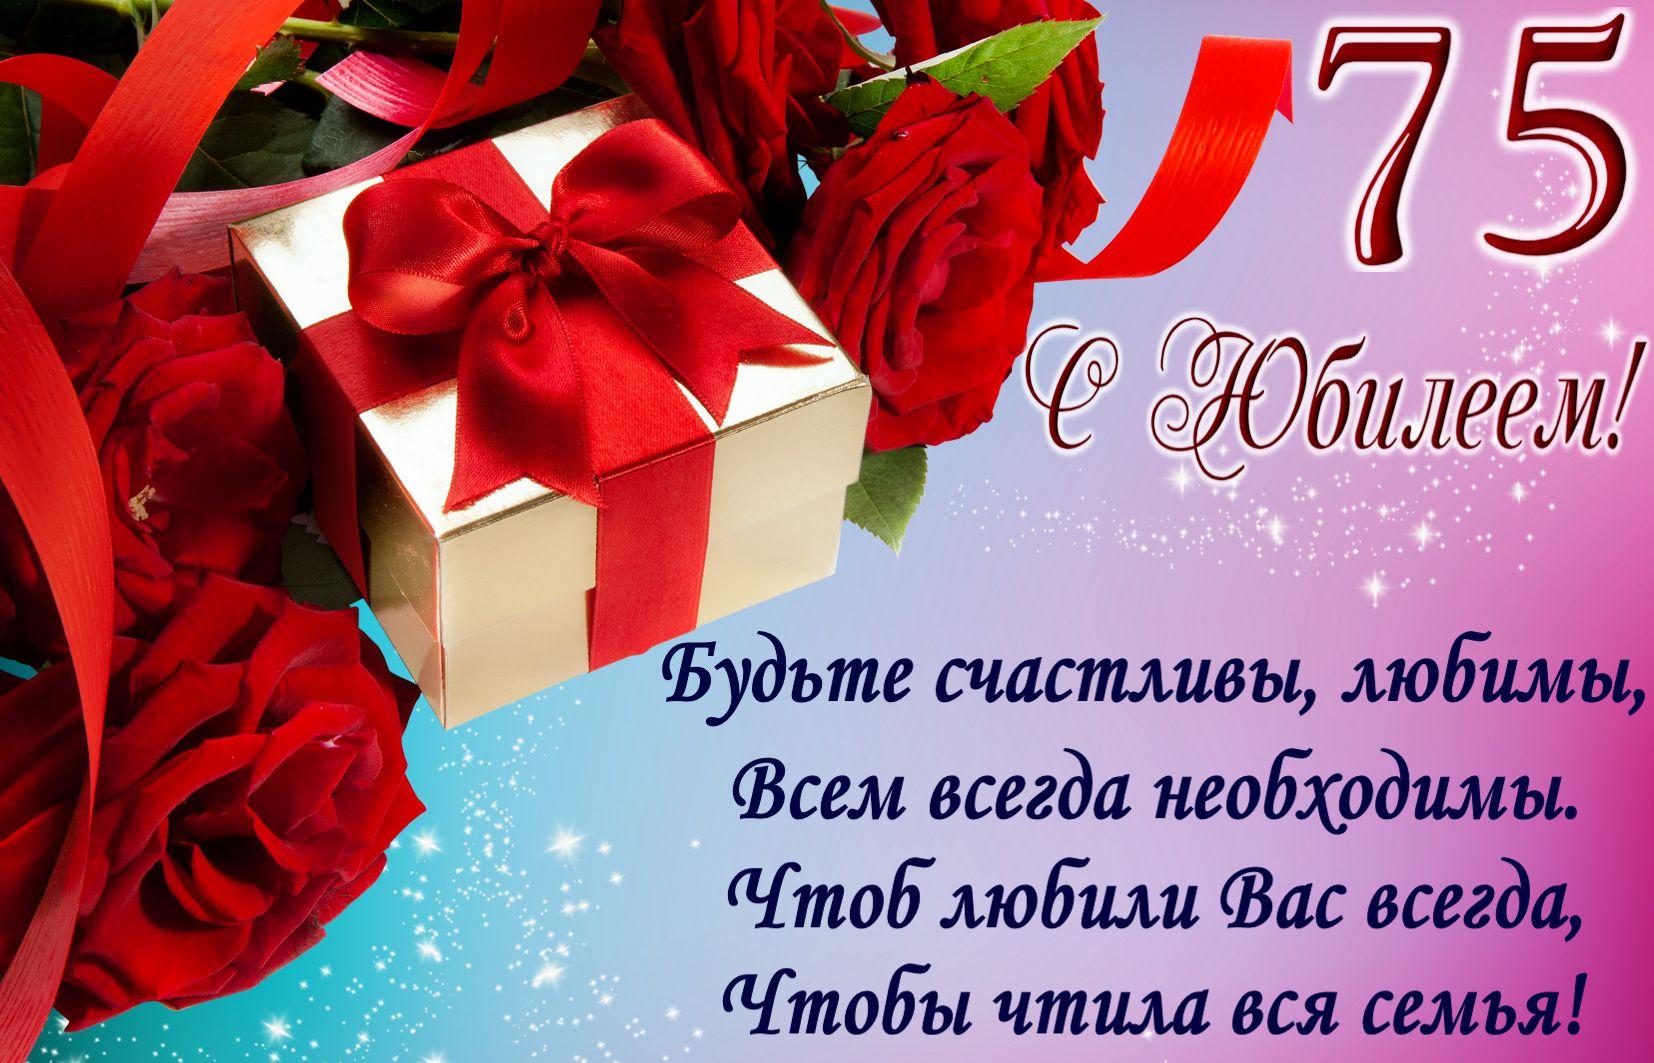 Открытка с пожеланиями к юбилею, днем рождения